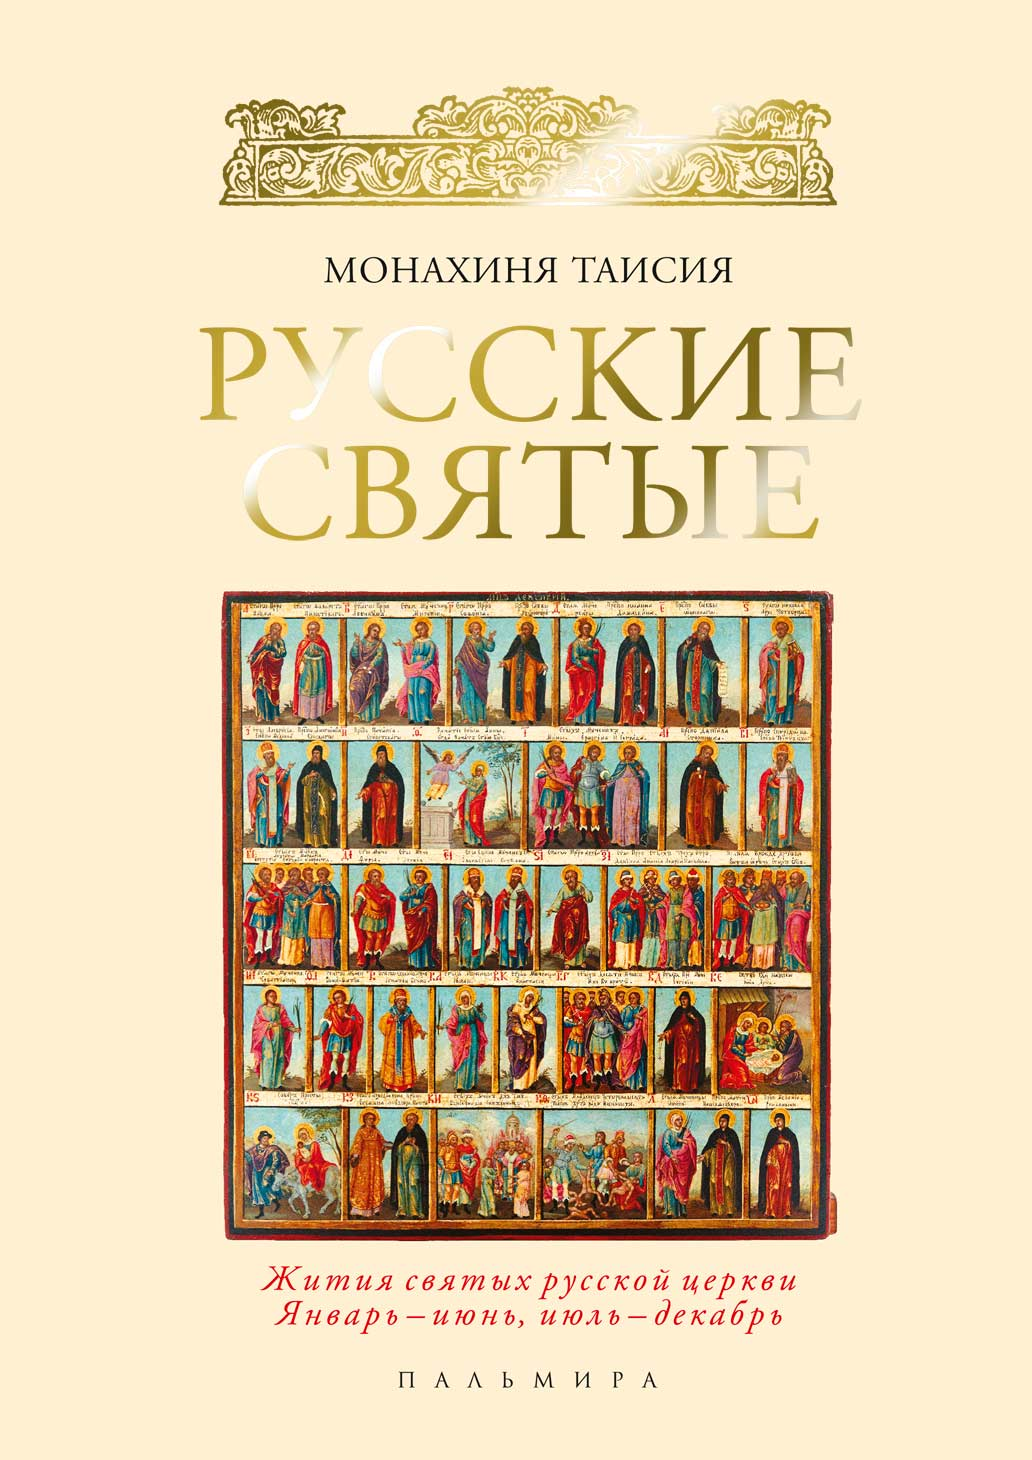 Монахиня Таисия Русские святые монахиня таисия русские святые в 2 книгах книга 1 январь июнь